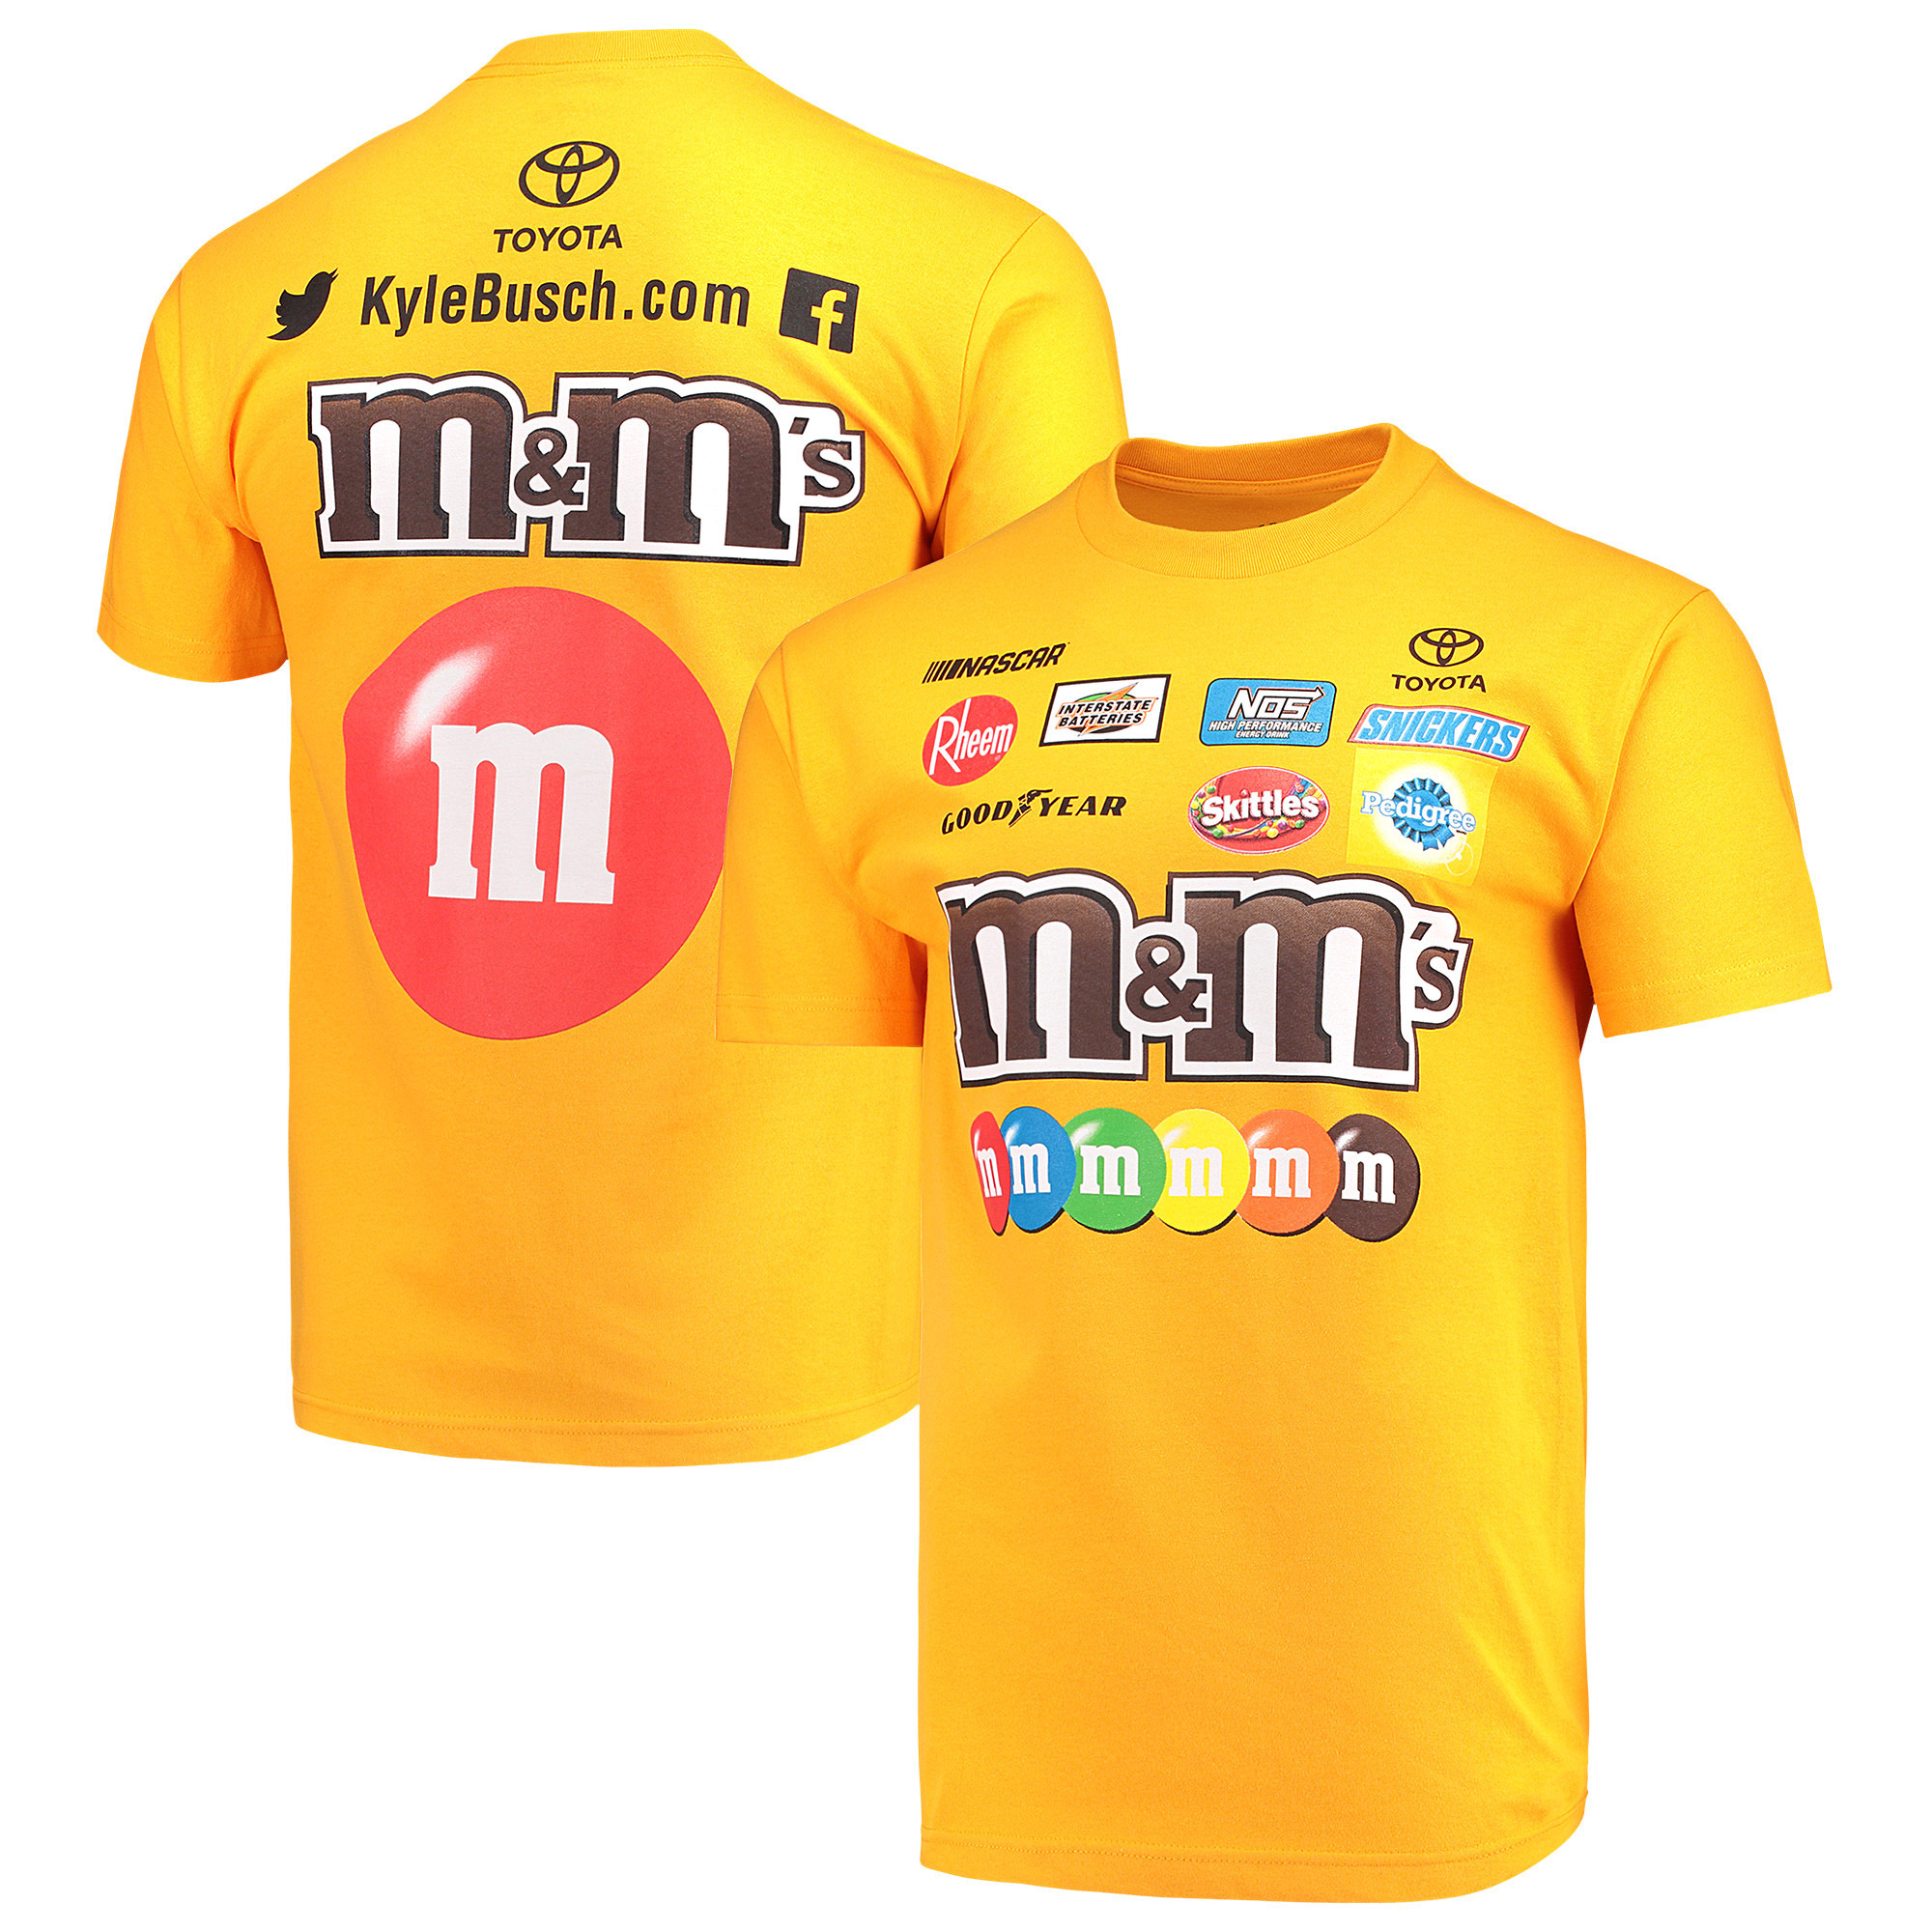 Kyle Busch Joe Gibbs Racing Team Collection M&M's Uniform T-Shirt - Yellow